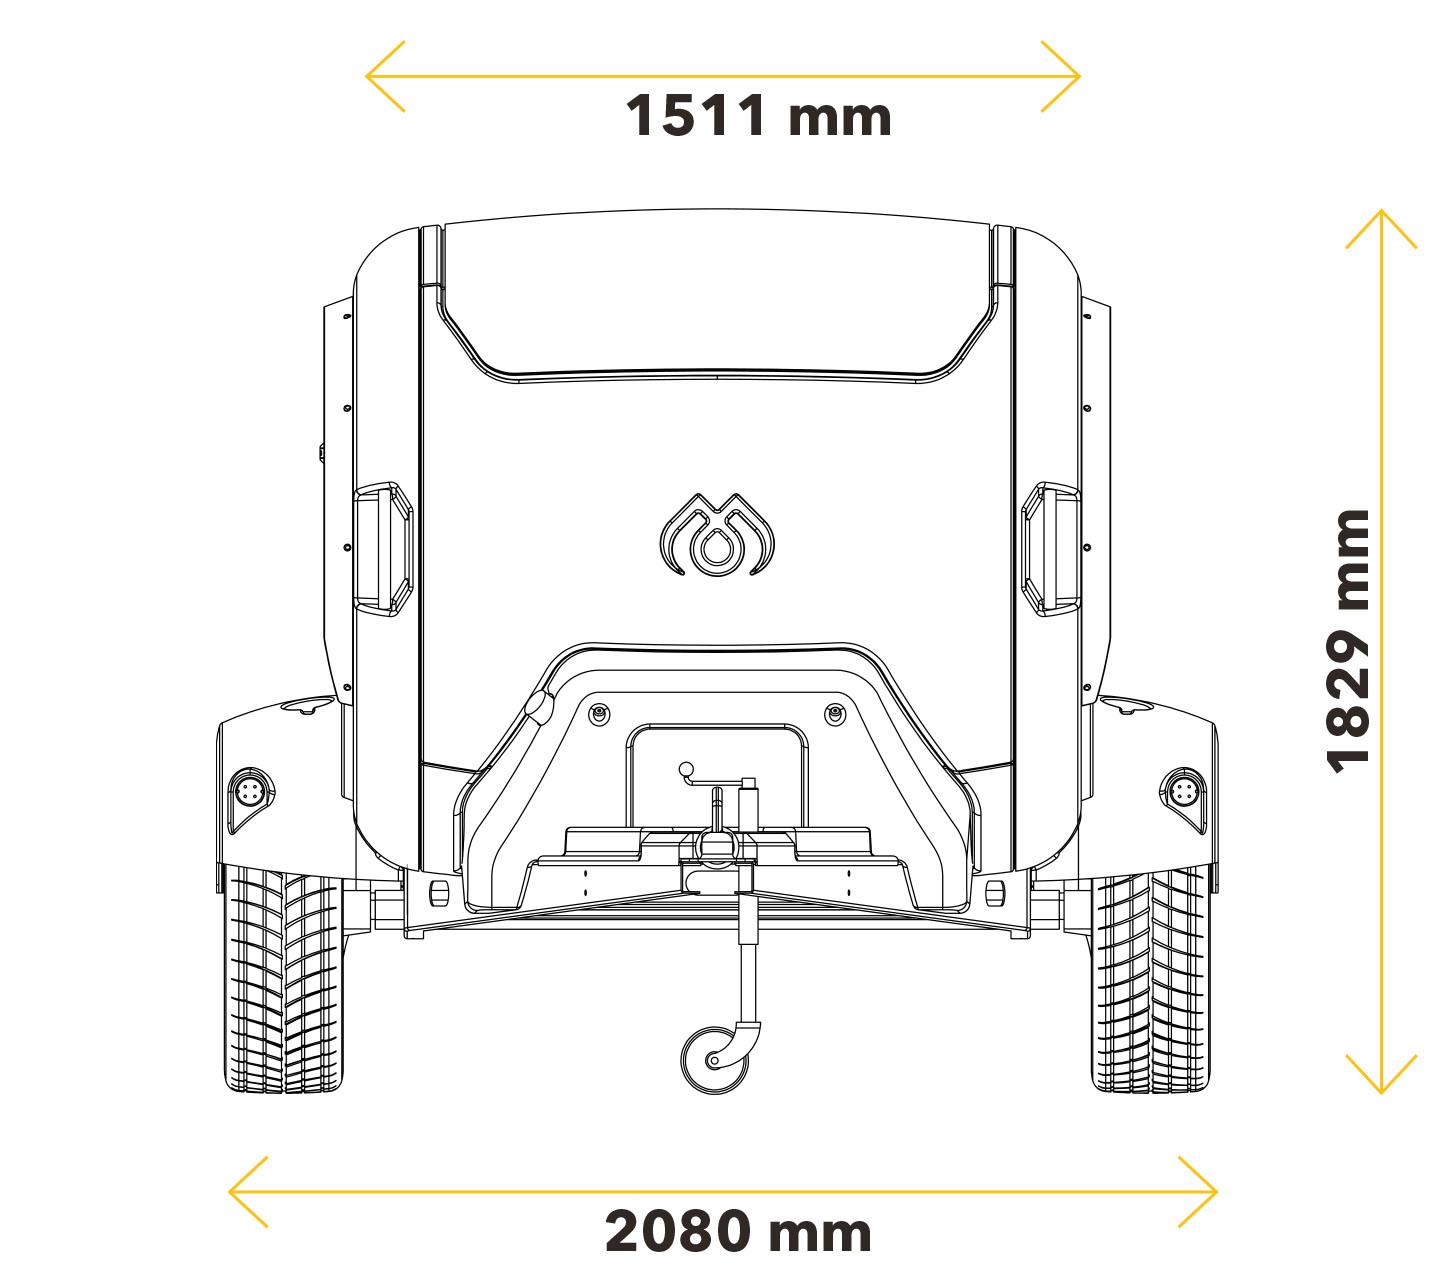 caravane teardrop Mink Campers dimensions